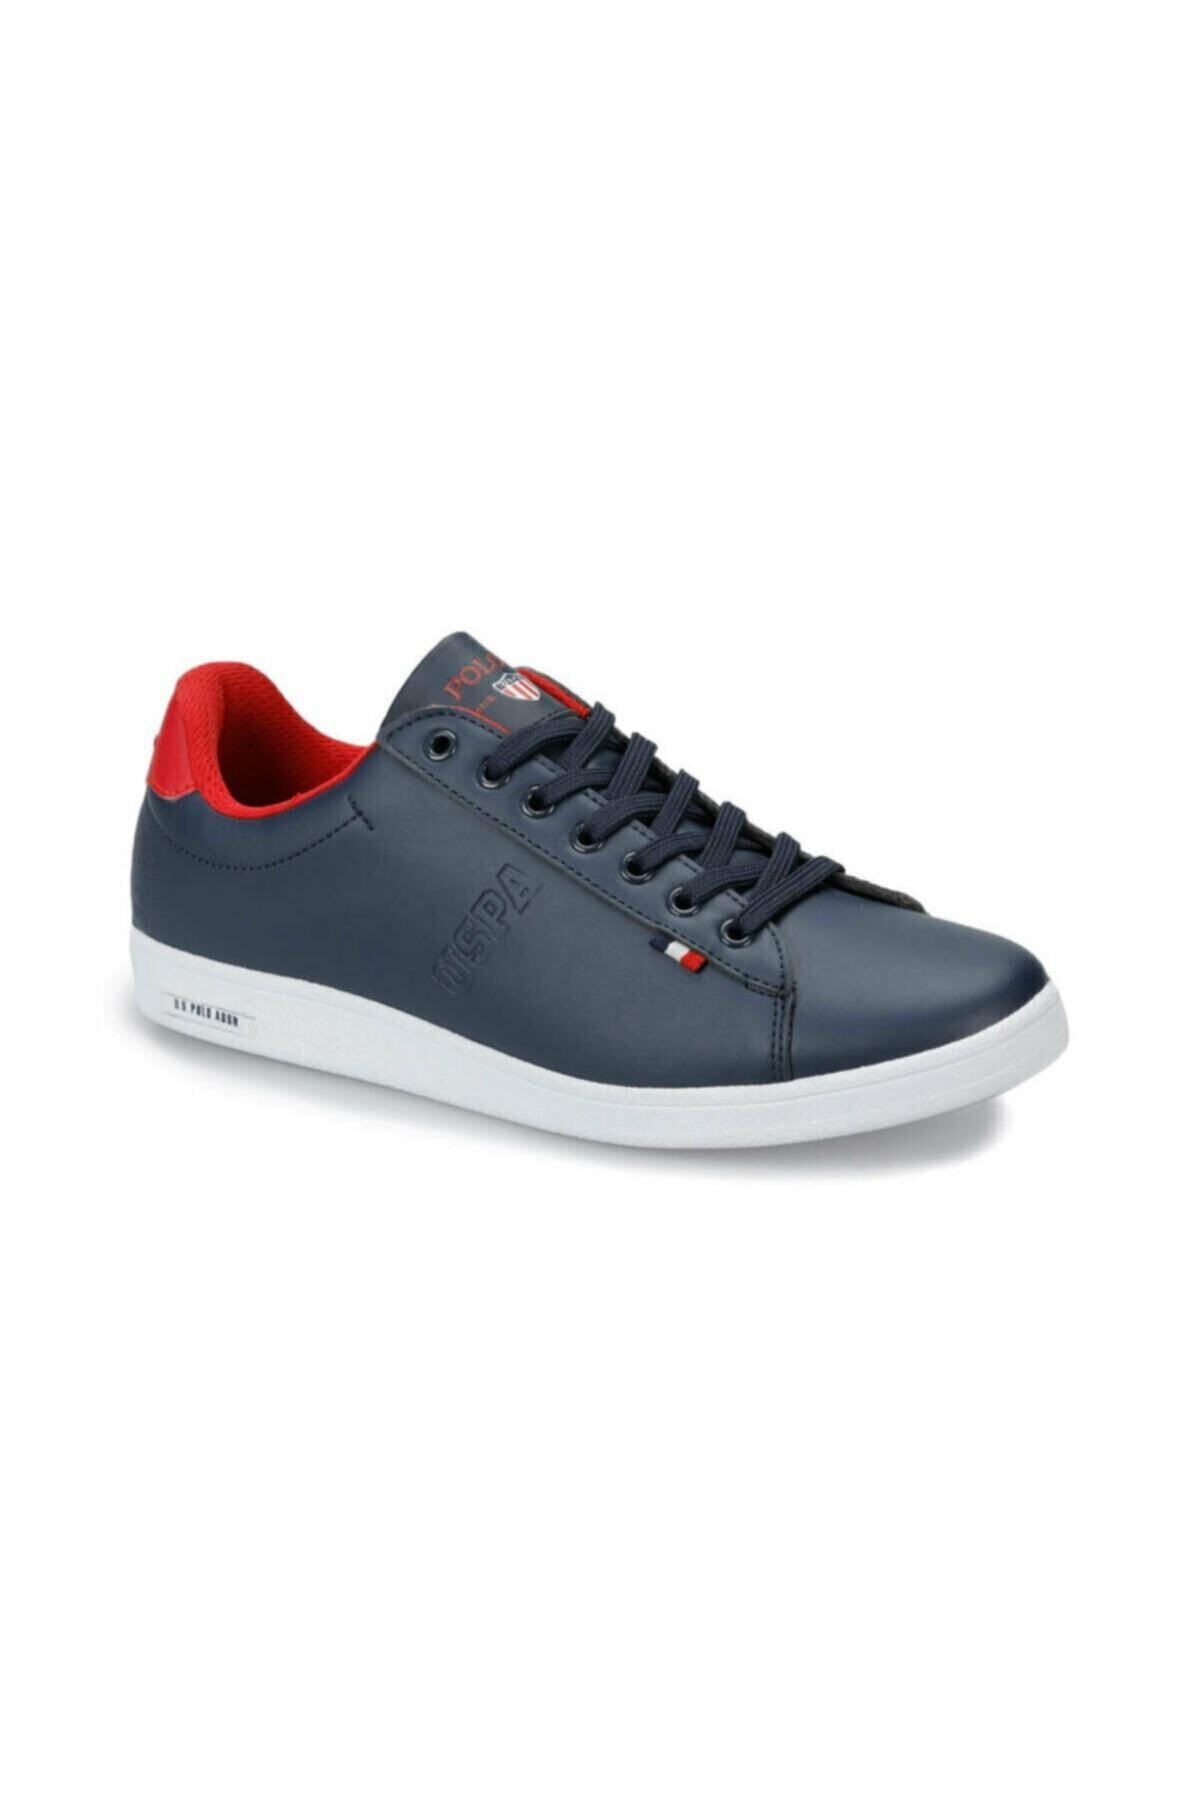 U.S. Polo Assn. FRANCO Lacivert Erkek Sneaker Ayakkabı 100249745 1